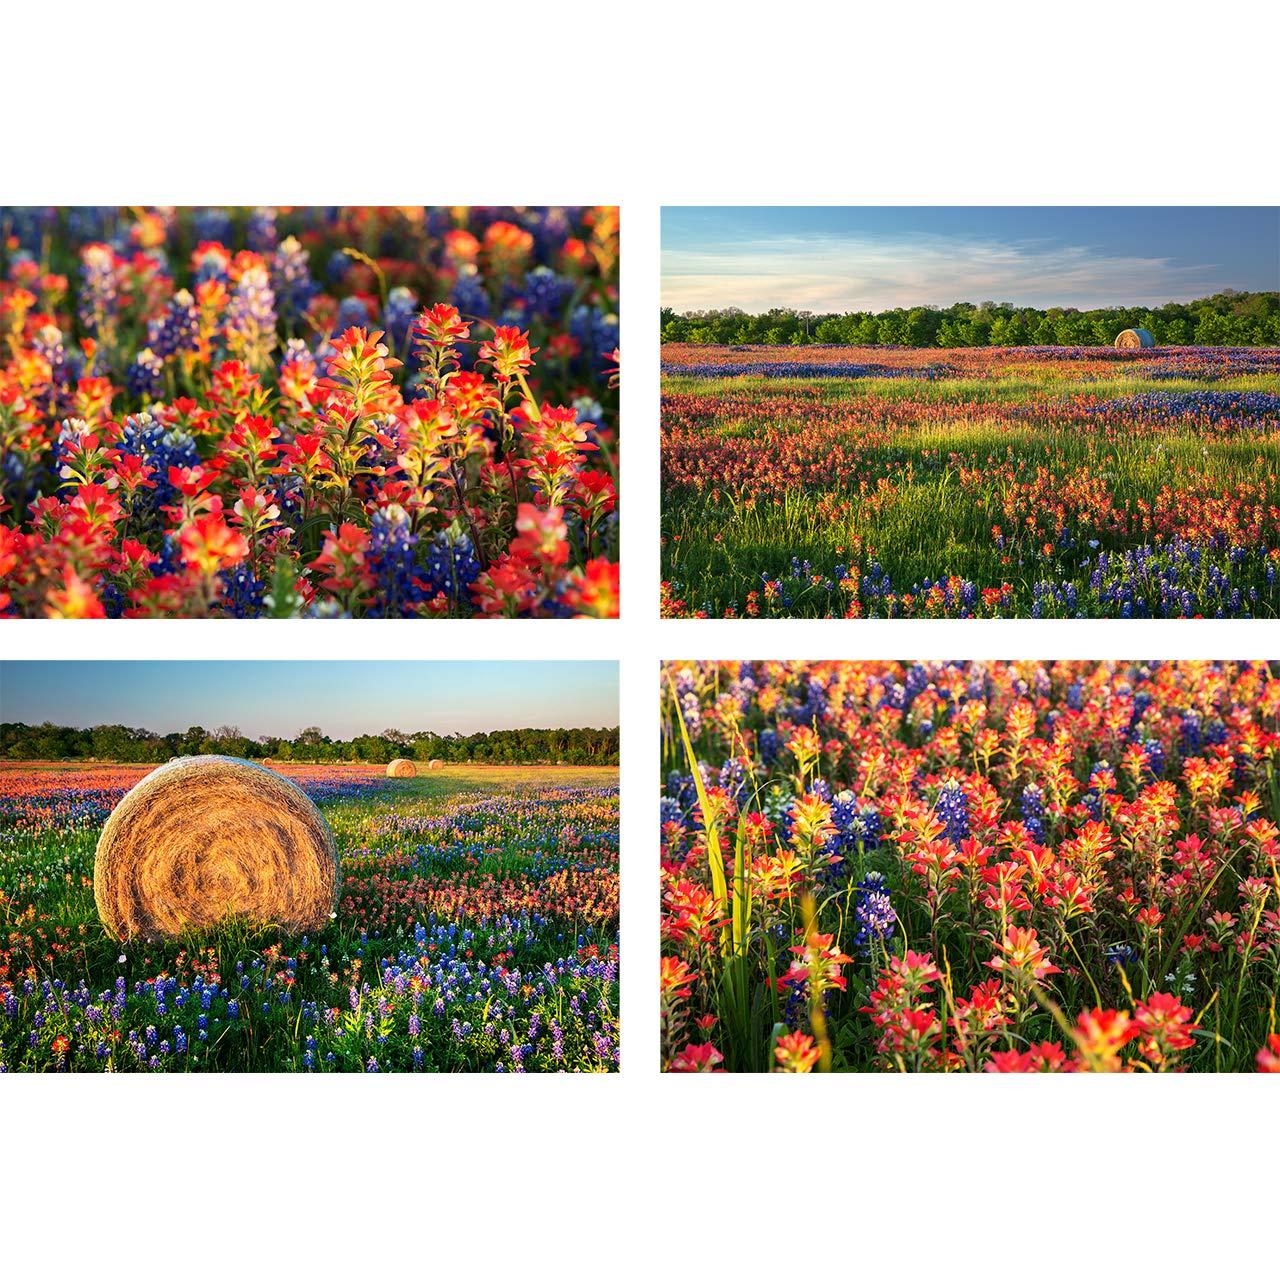 Amazon Com Texas Wildflowers Print Set Wildflower Fields Of